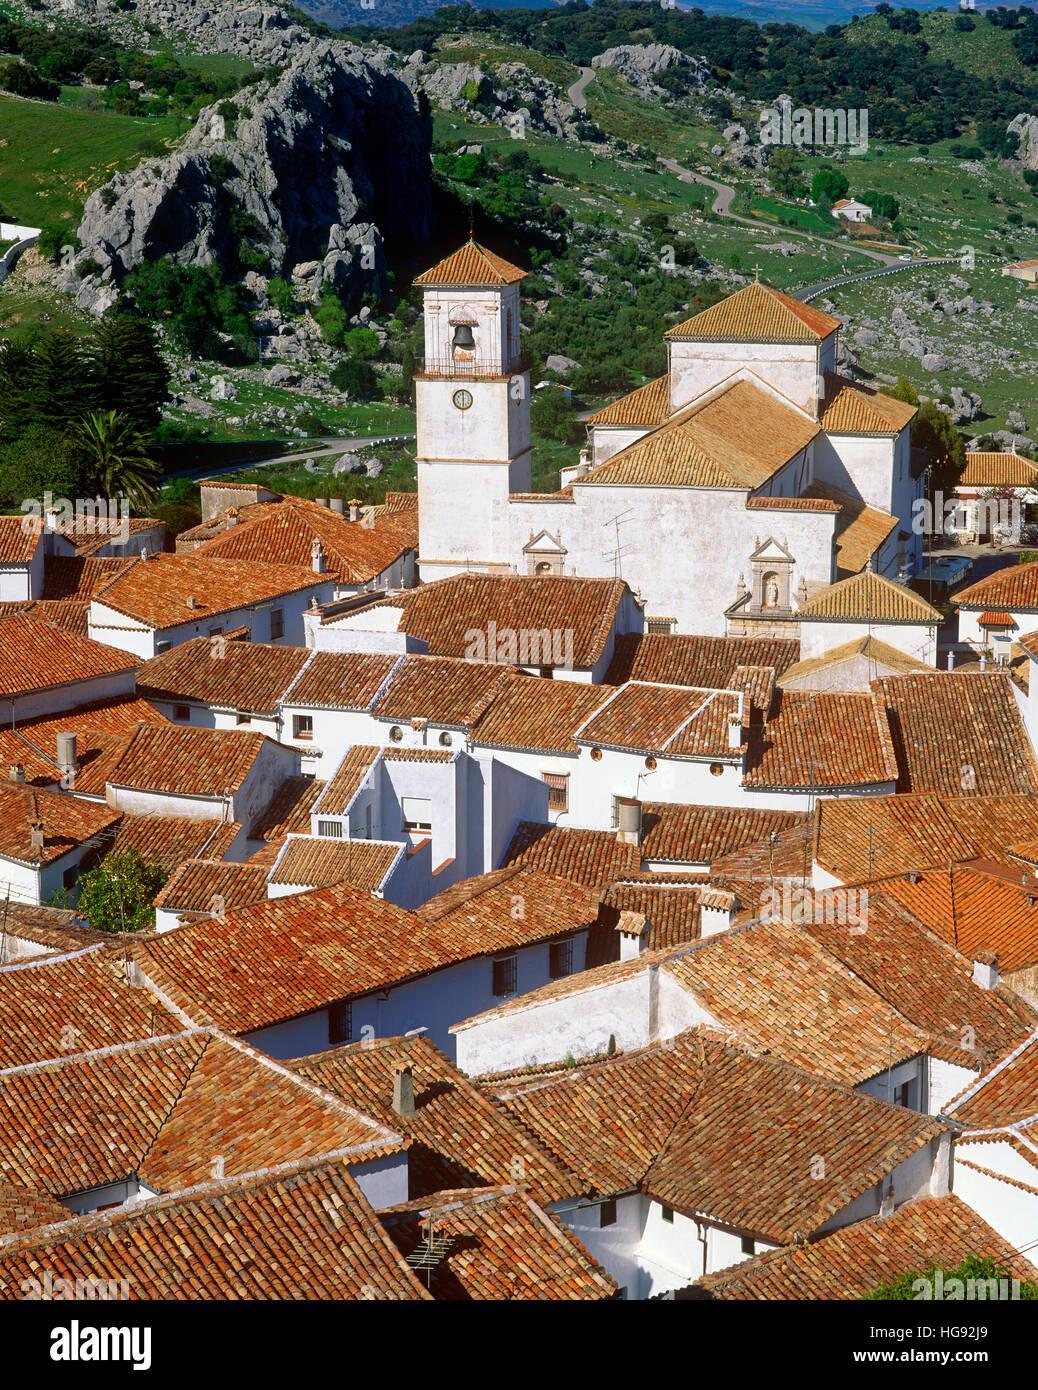 Rojo pantile tejados de Grazalema pueblo blanco (Pueblos Blanco), la provincia de Cádiz, Andalucía, España. Imagen De Stock